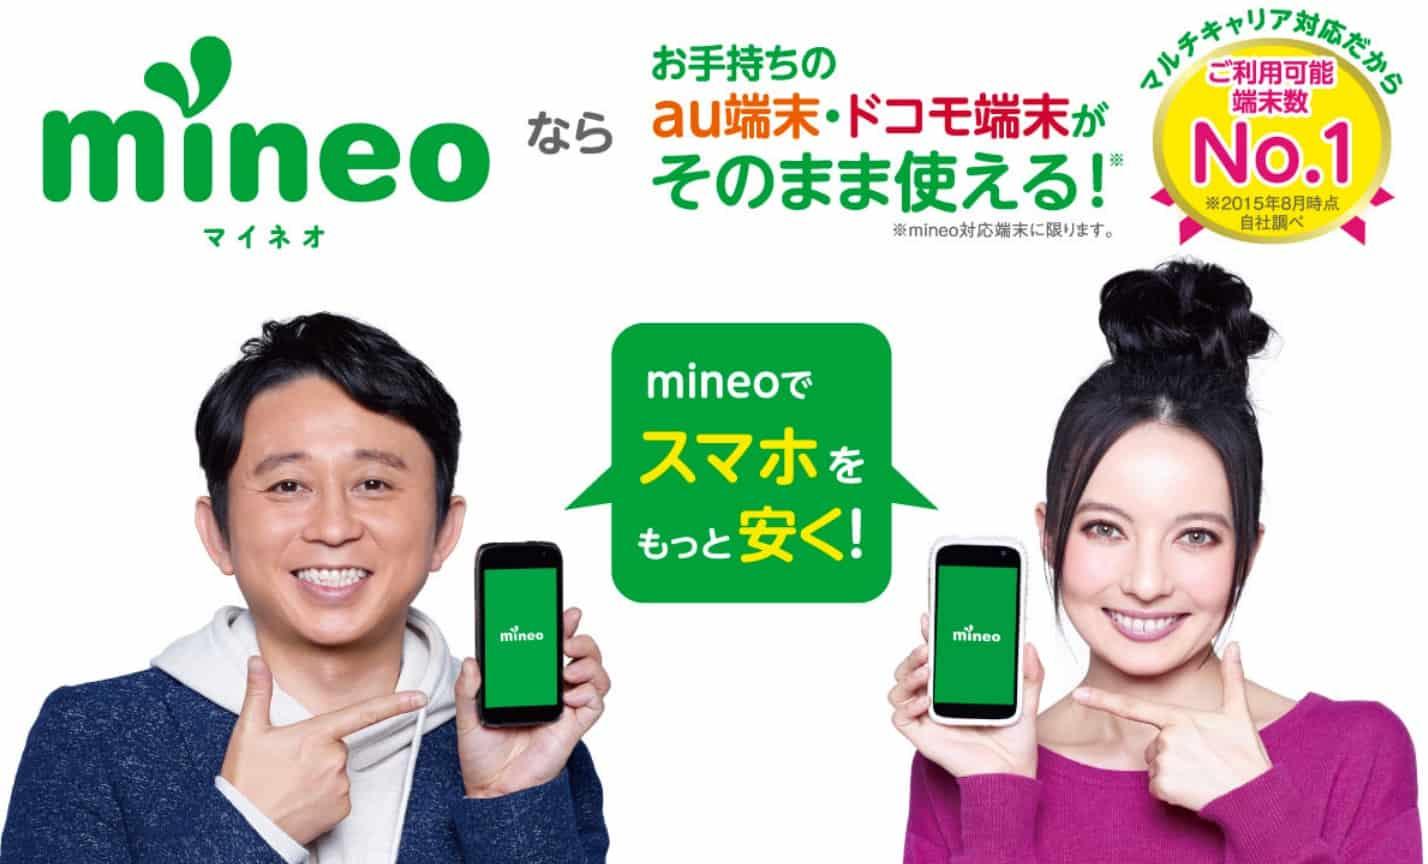 mineo-a-b